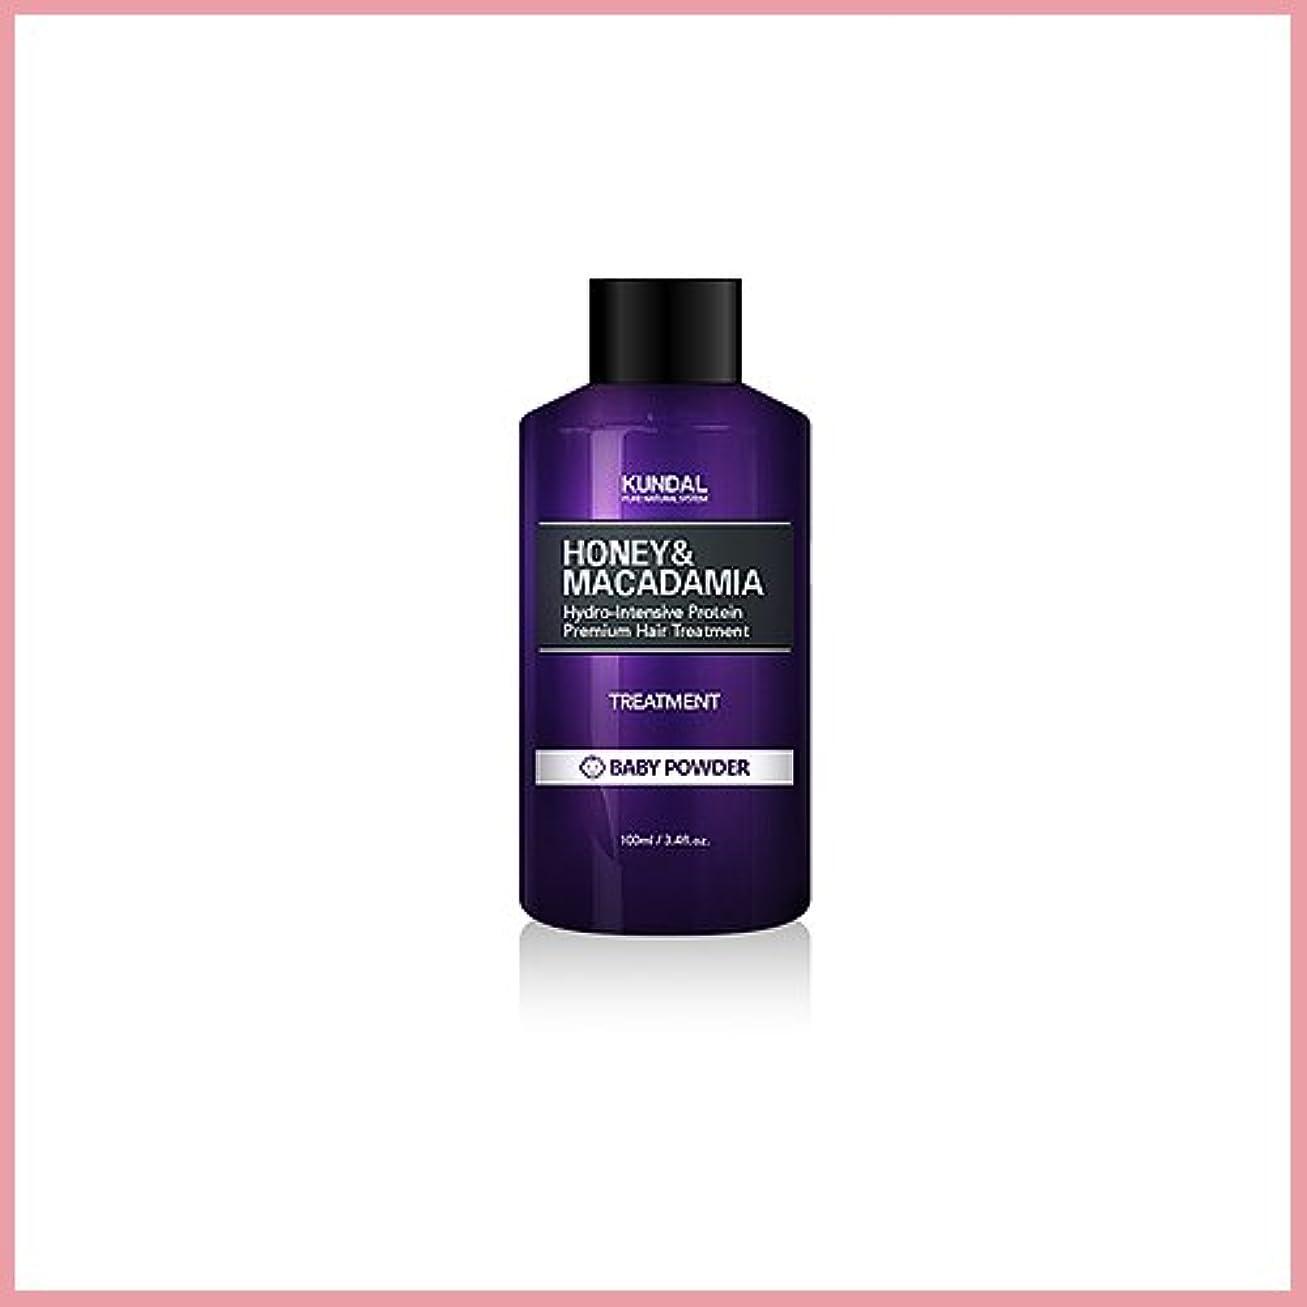 練習リフレッシュ検索エンジン最適化[KUNDAL/クンダル] Kundal Premium Hair Treatment 100ml [2017年韓国満足度1位][TTBEAUTY][韓国コスメ]